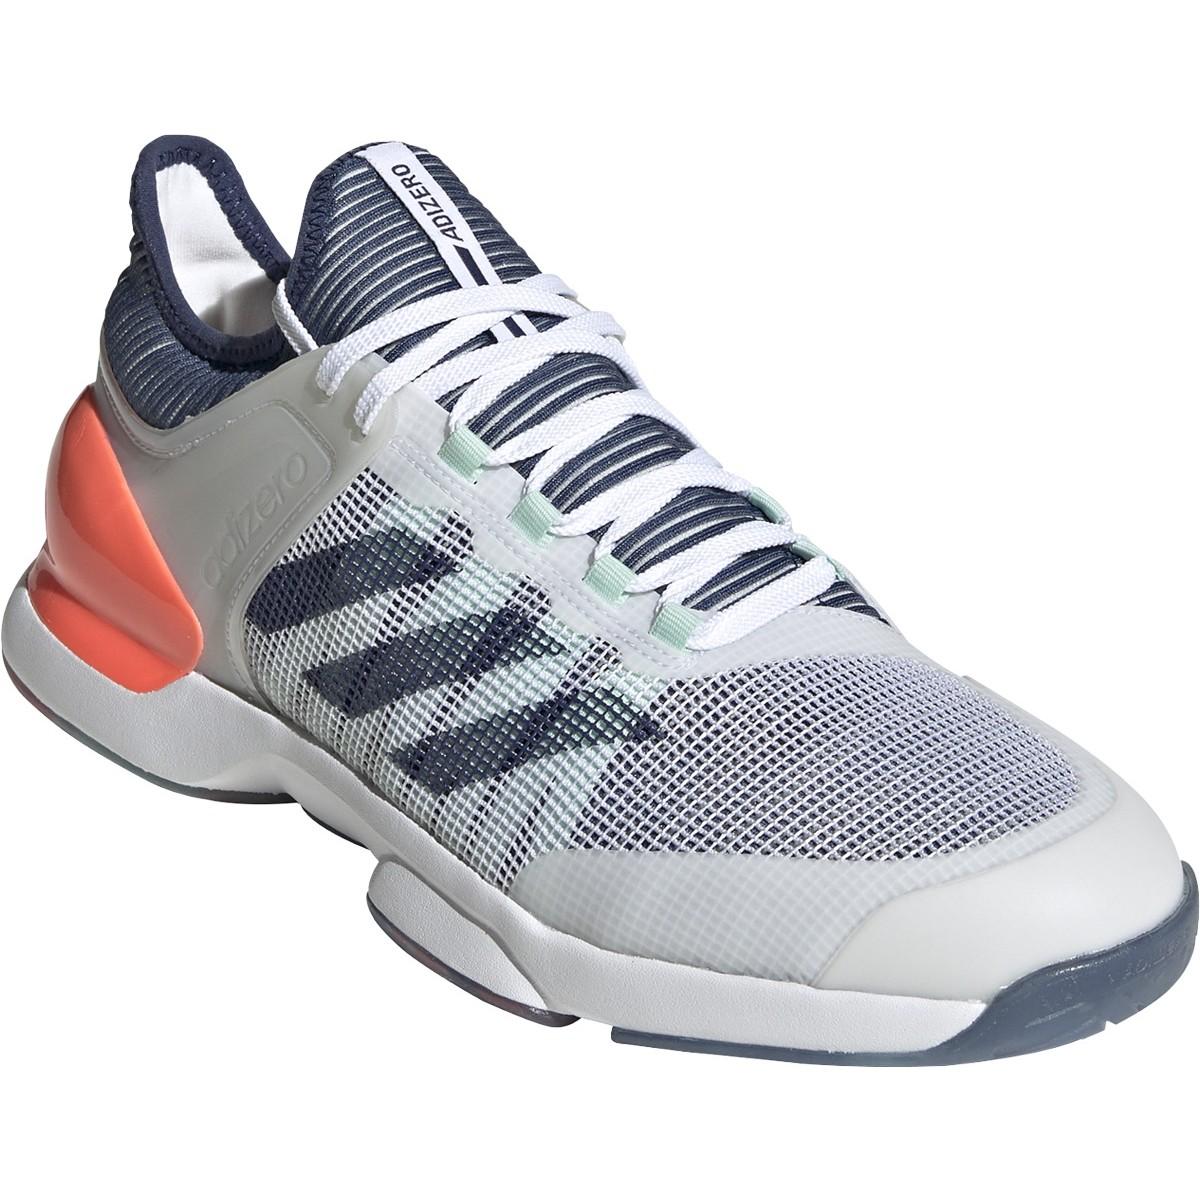 Chaussures ADIDAS Homme Adizero Ubersonic 2.0 ZVEREV New